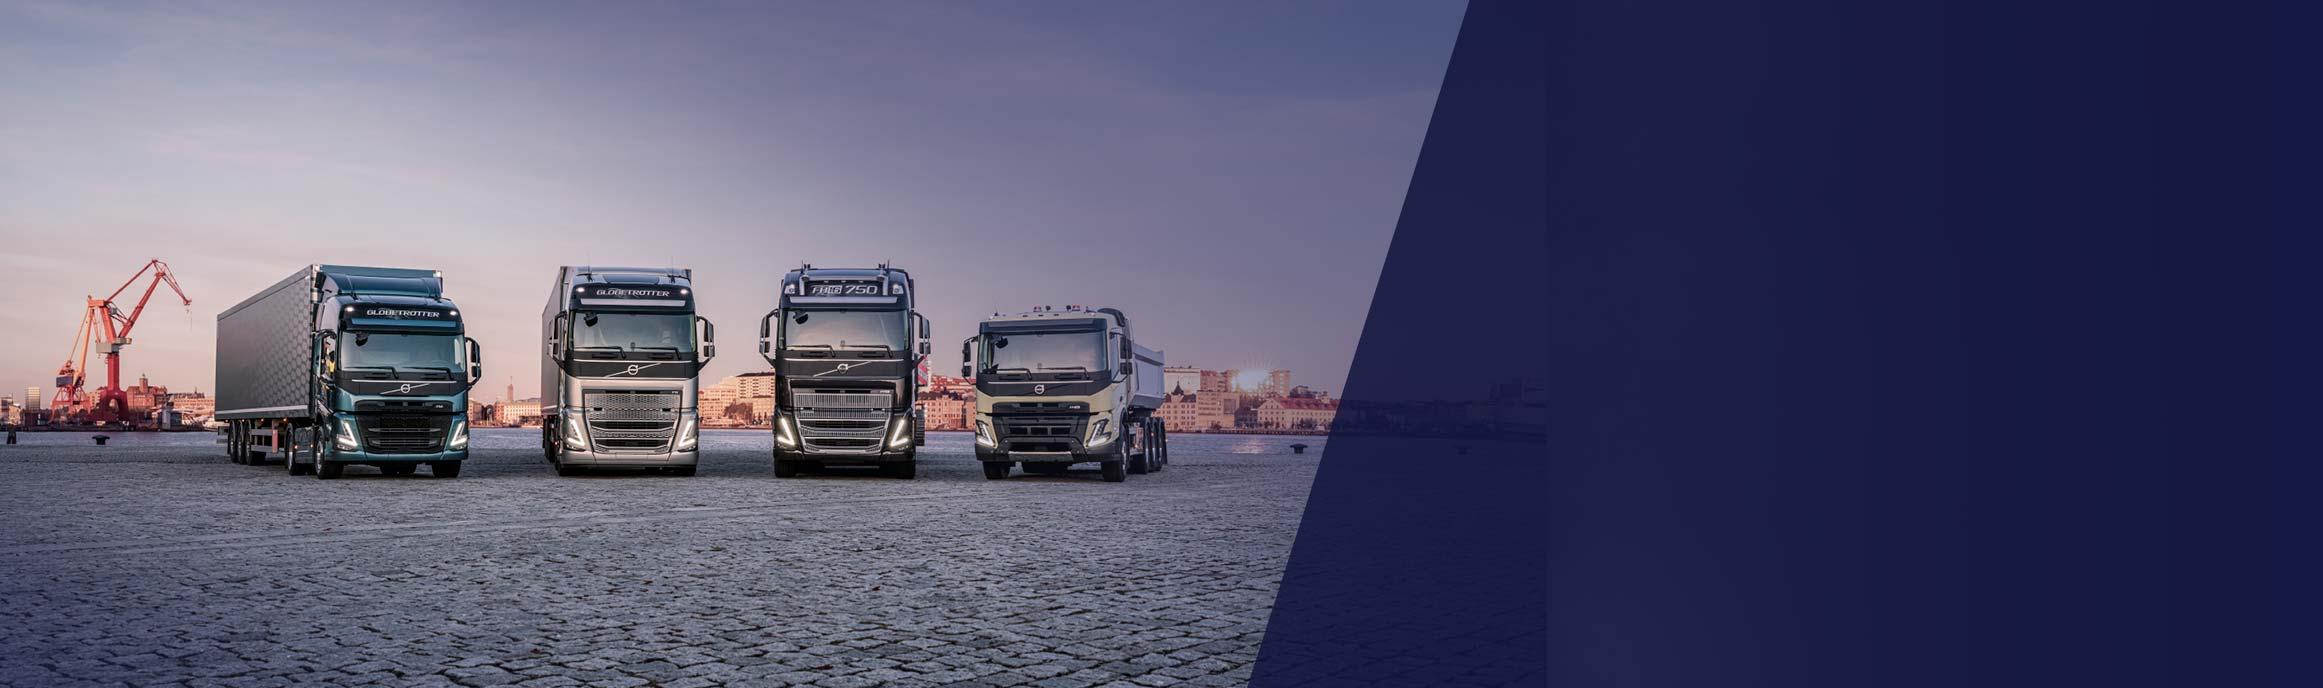 Volvo trucks range 2020